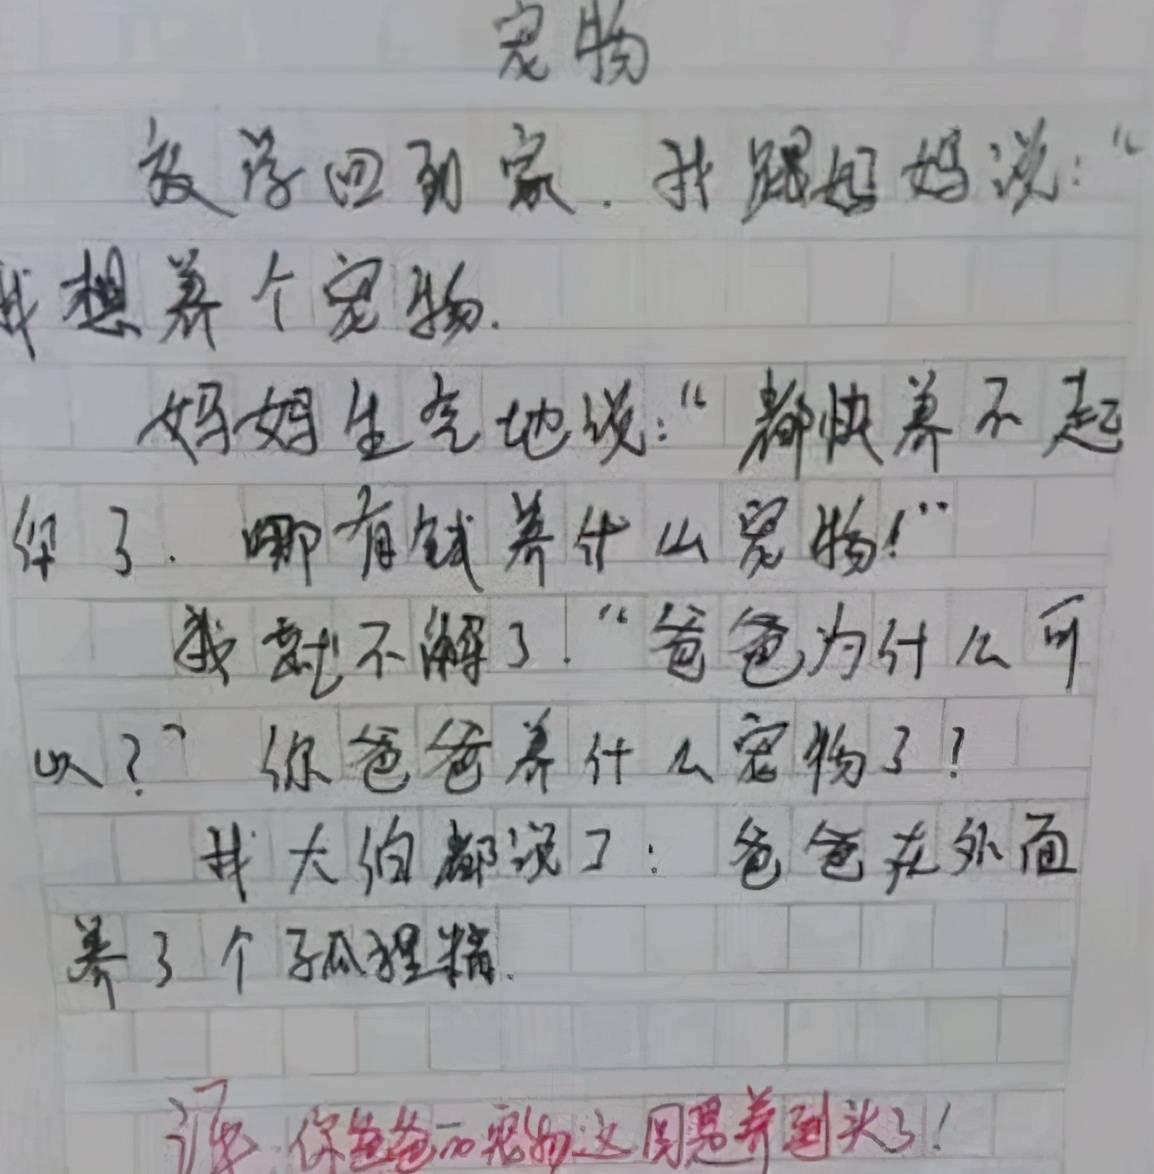 小学生作文《姑姑》走红,内容过于真实,姑姑:嫁不出去就怨你